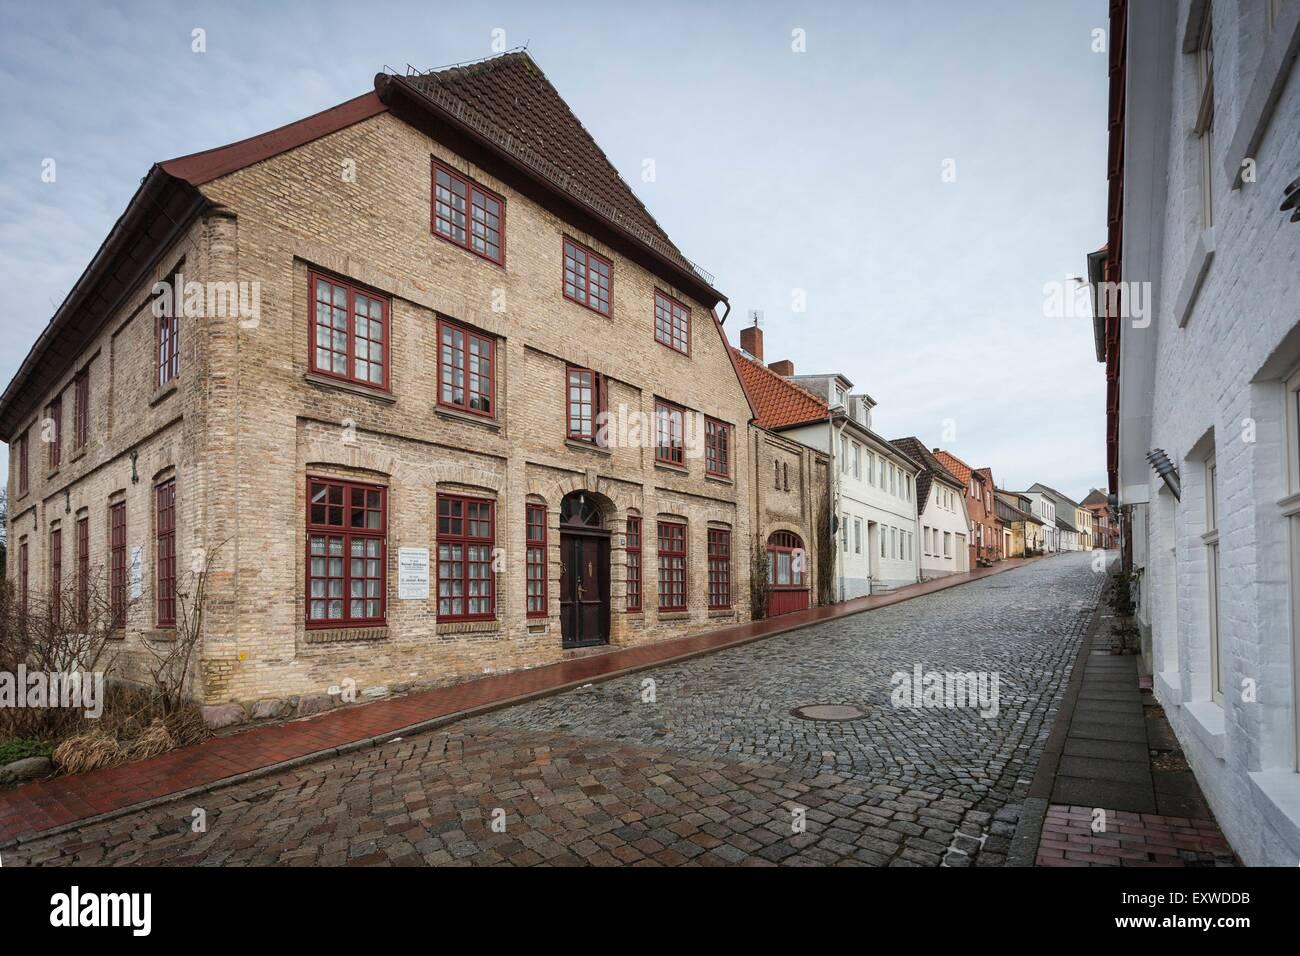 Deserted street in Neustadt, Schleswig-Holstein, Germany - Stock Image